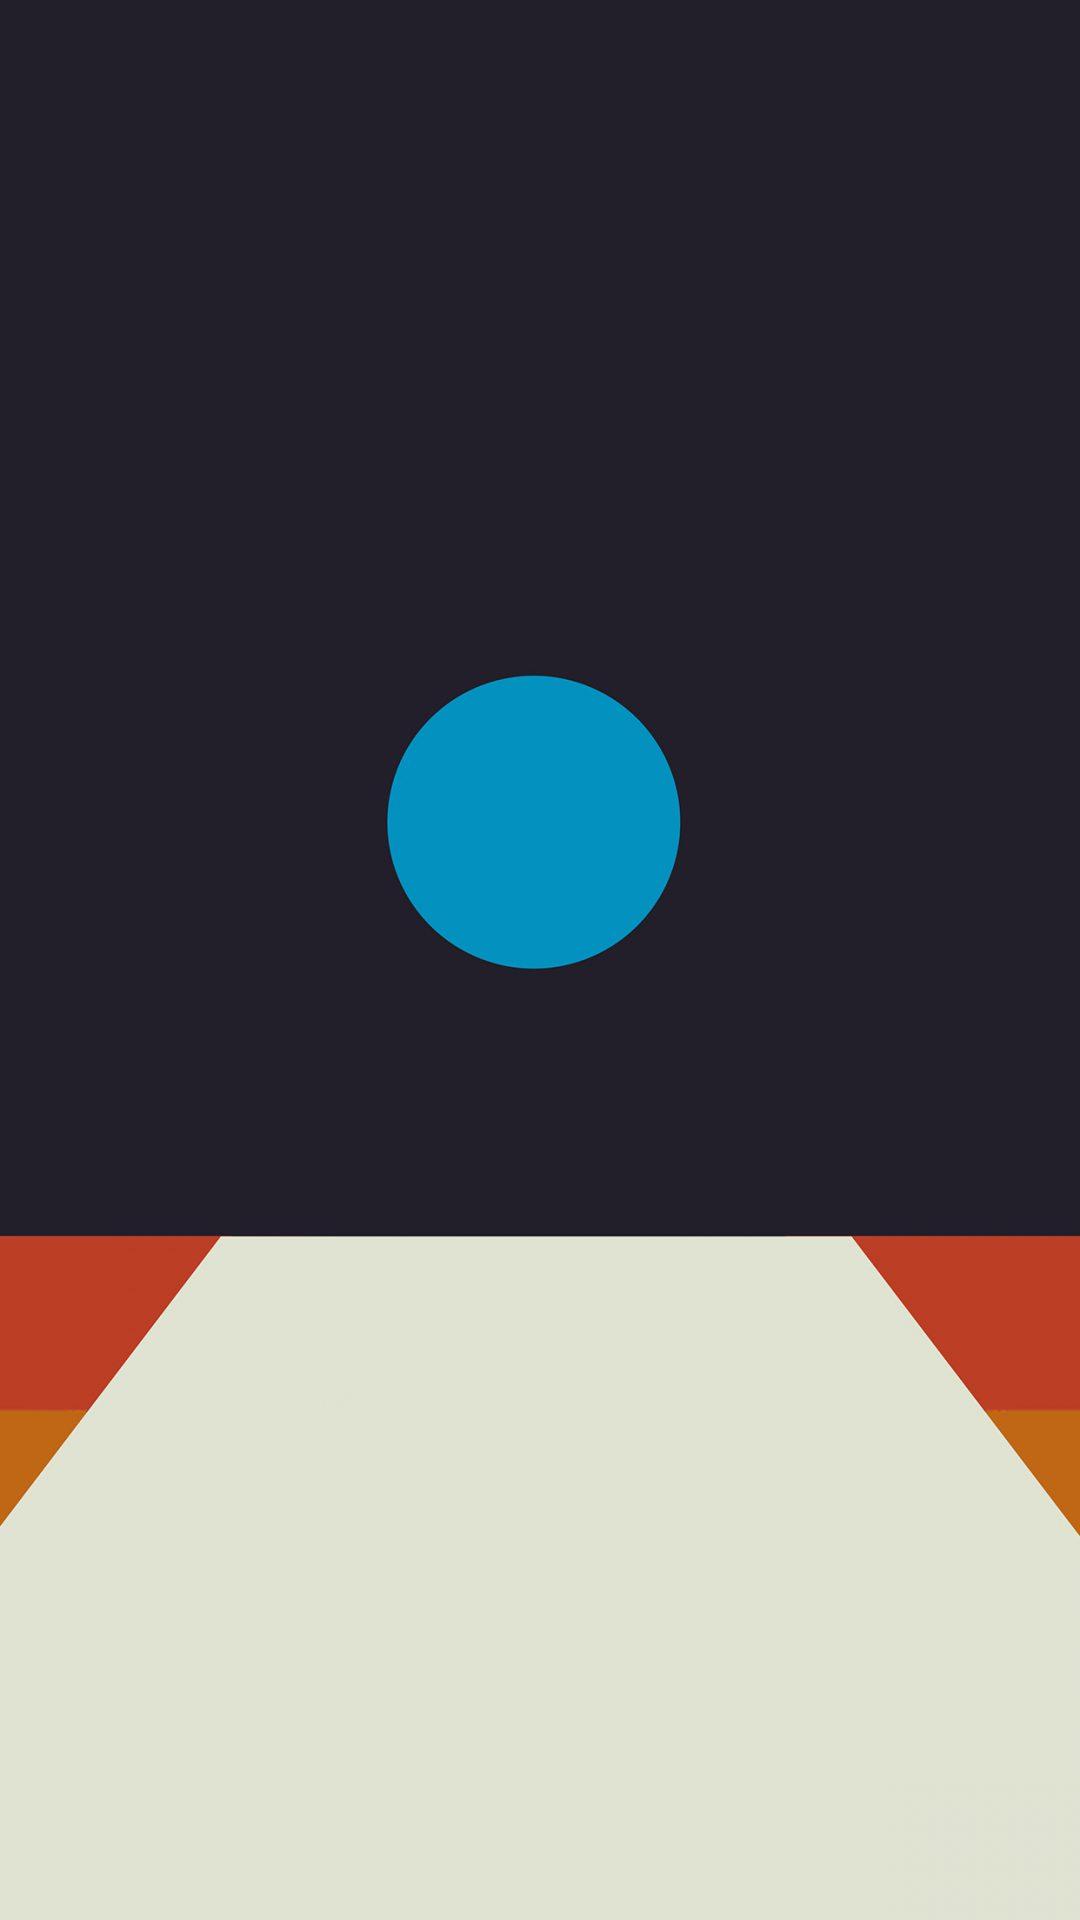 Tycho Art Blue Illustration Art Abstract Minimal